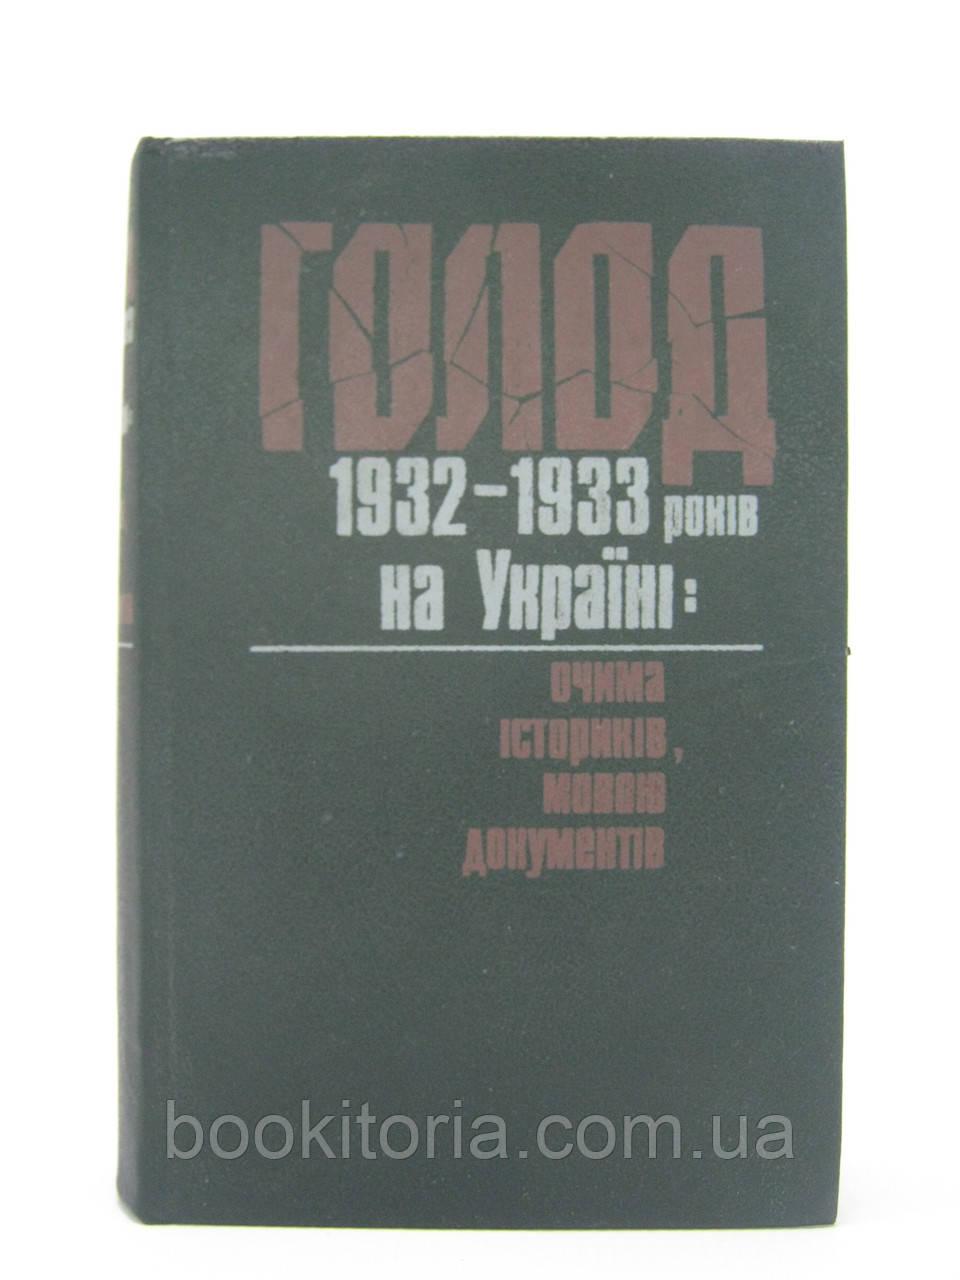 Голод 1932 – 1933 років на Україні: очима істориків, мовою документів (б/у).